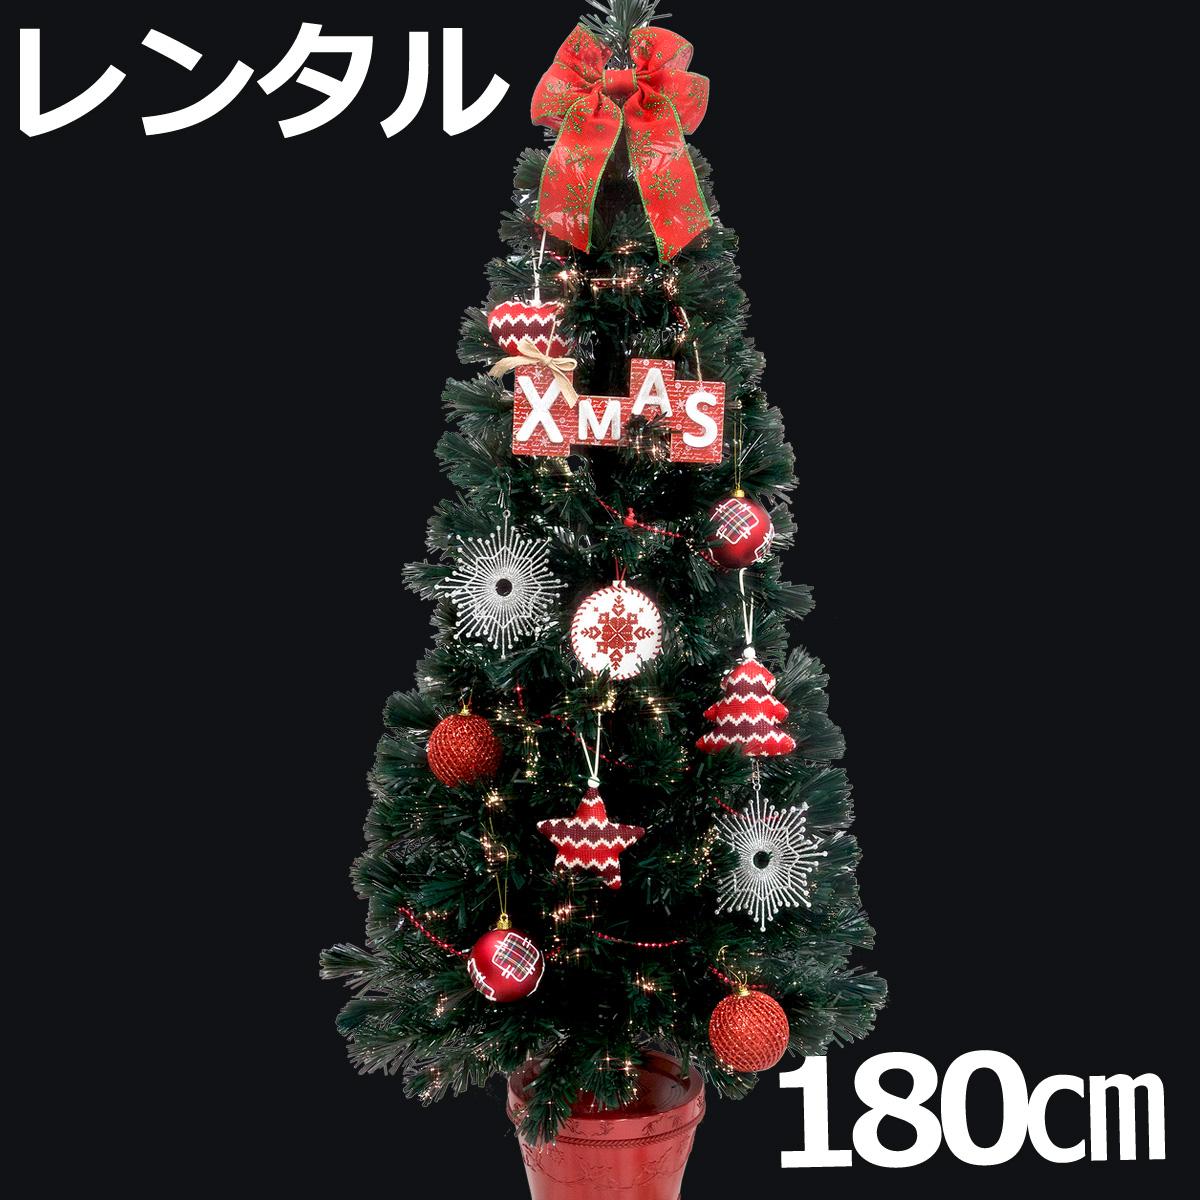 【レンタル】 180cm LEDファイバーセットツリー レッド LED USBアダプター 【往復 送料無料】 クリスマスツリー レンタル fy16REN07